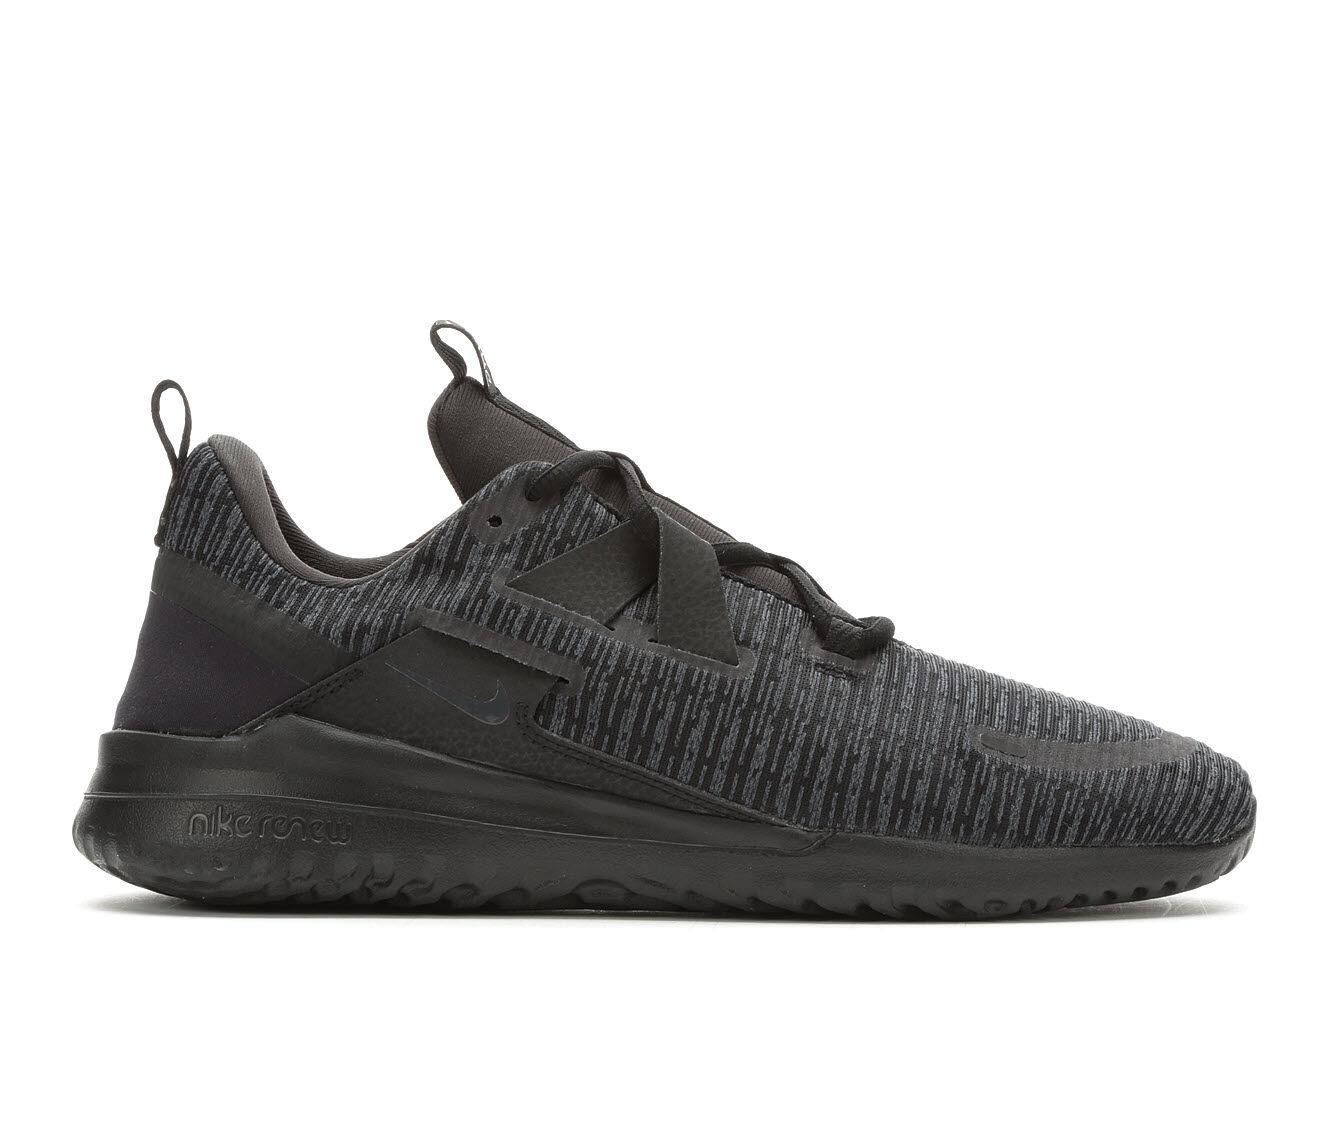 Men's Nike Renew Arena Running Shoes Blk/Blk 002